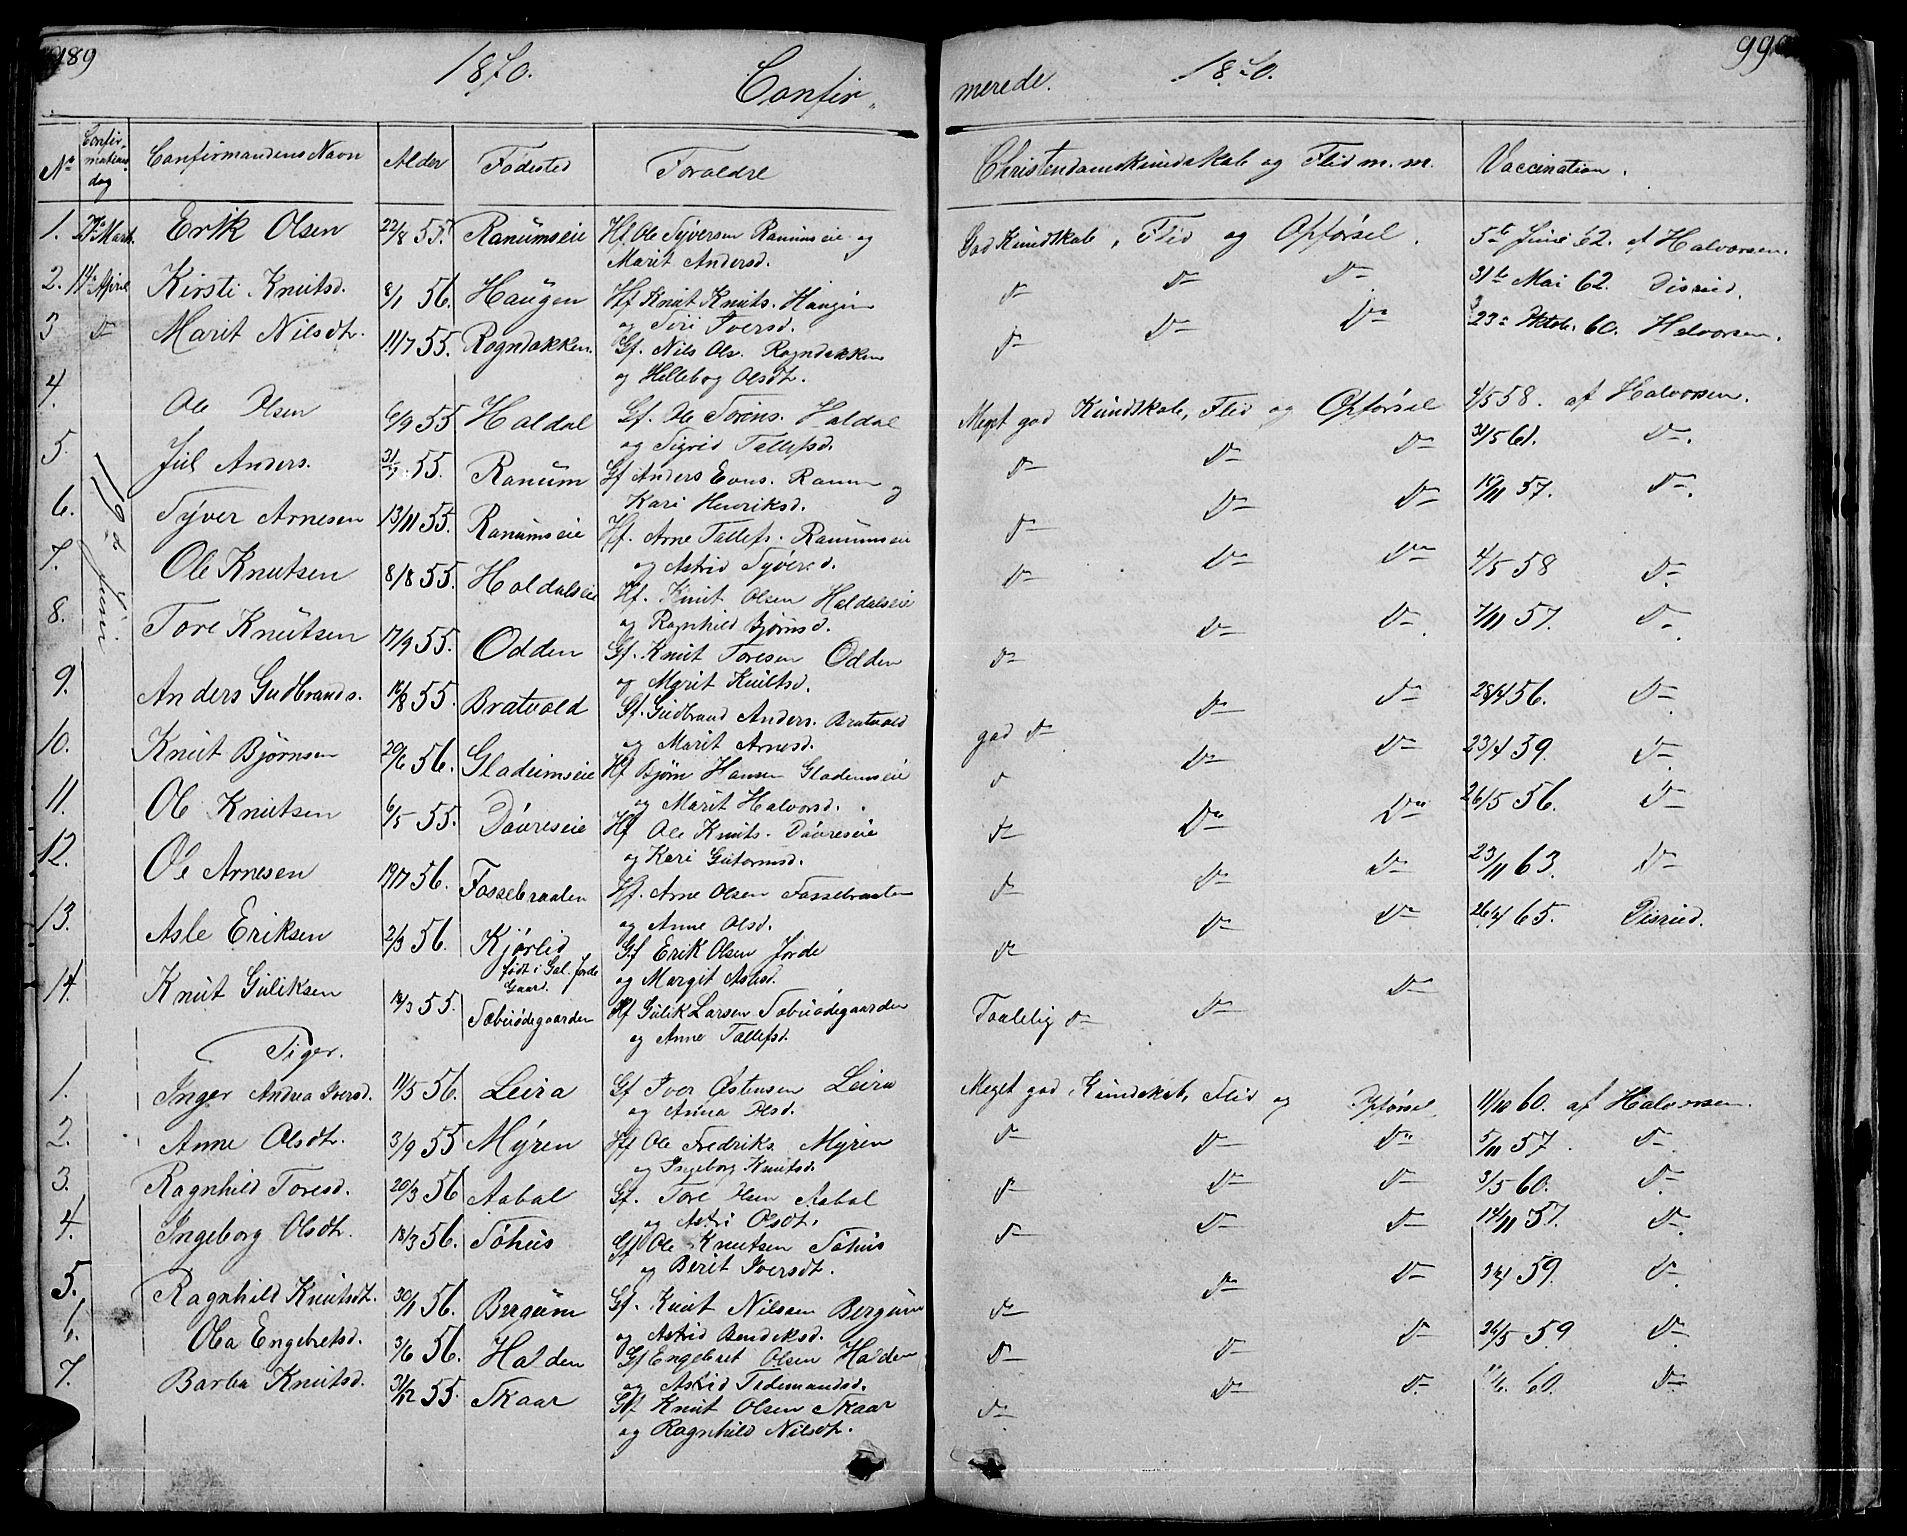 SAH, Nord-Aurdal prestekontor, Klokkerbok nr. 1, 1834-1887, s. 989-990